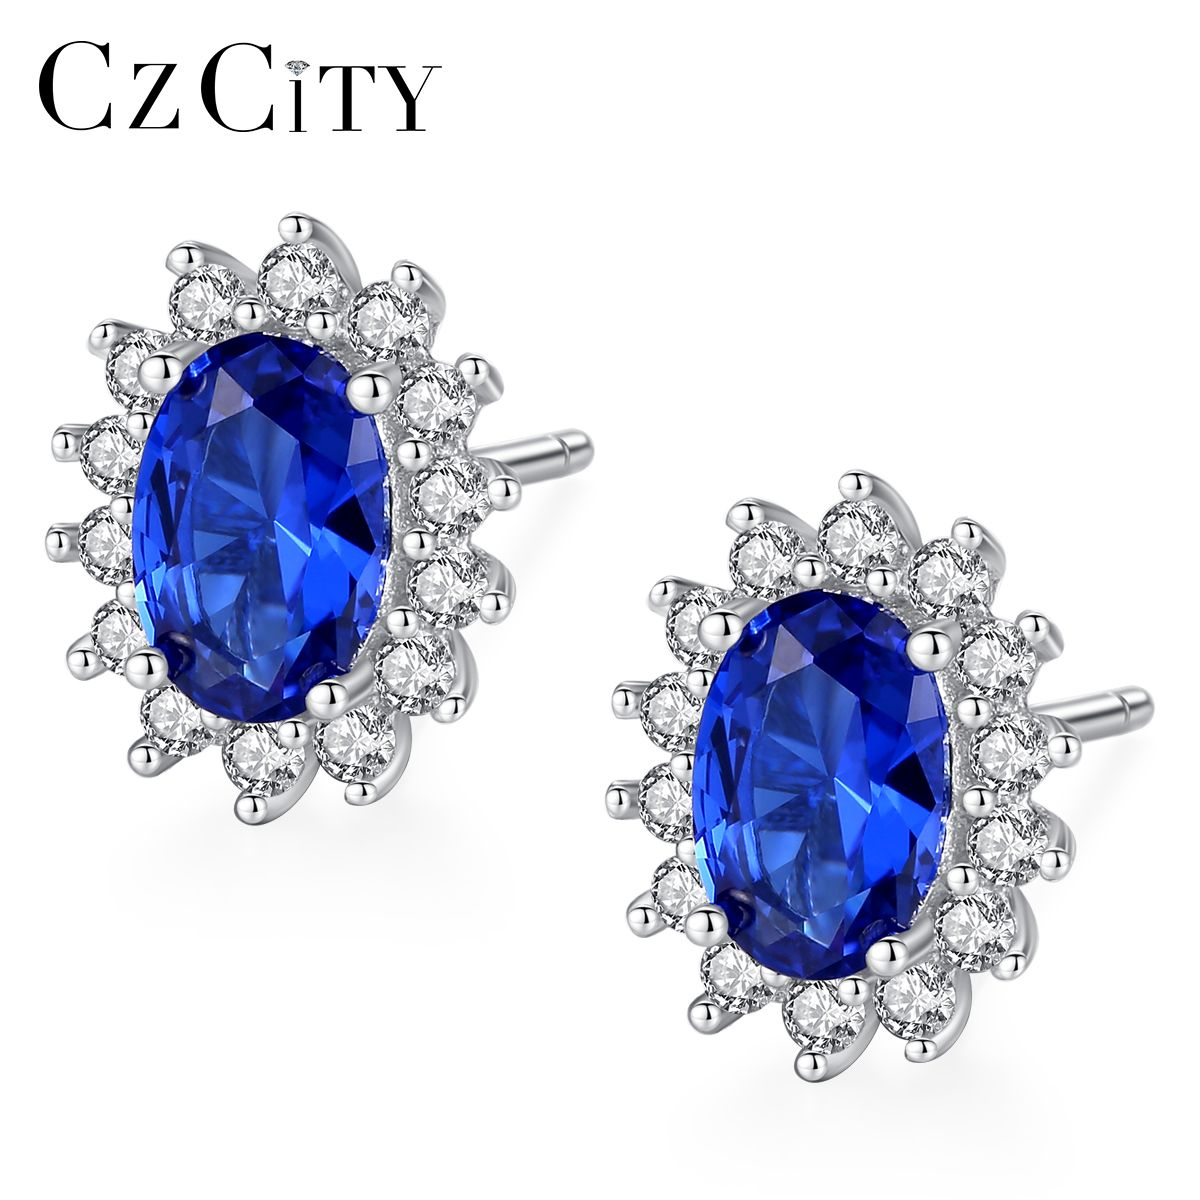 CZCITY nouveau naturel pierre de naissance bleu Royal ovale topaze boucles d'oreilles avec solide 925 en argent Sterling bijoux fins pour les femmes Brincos